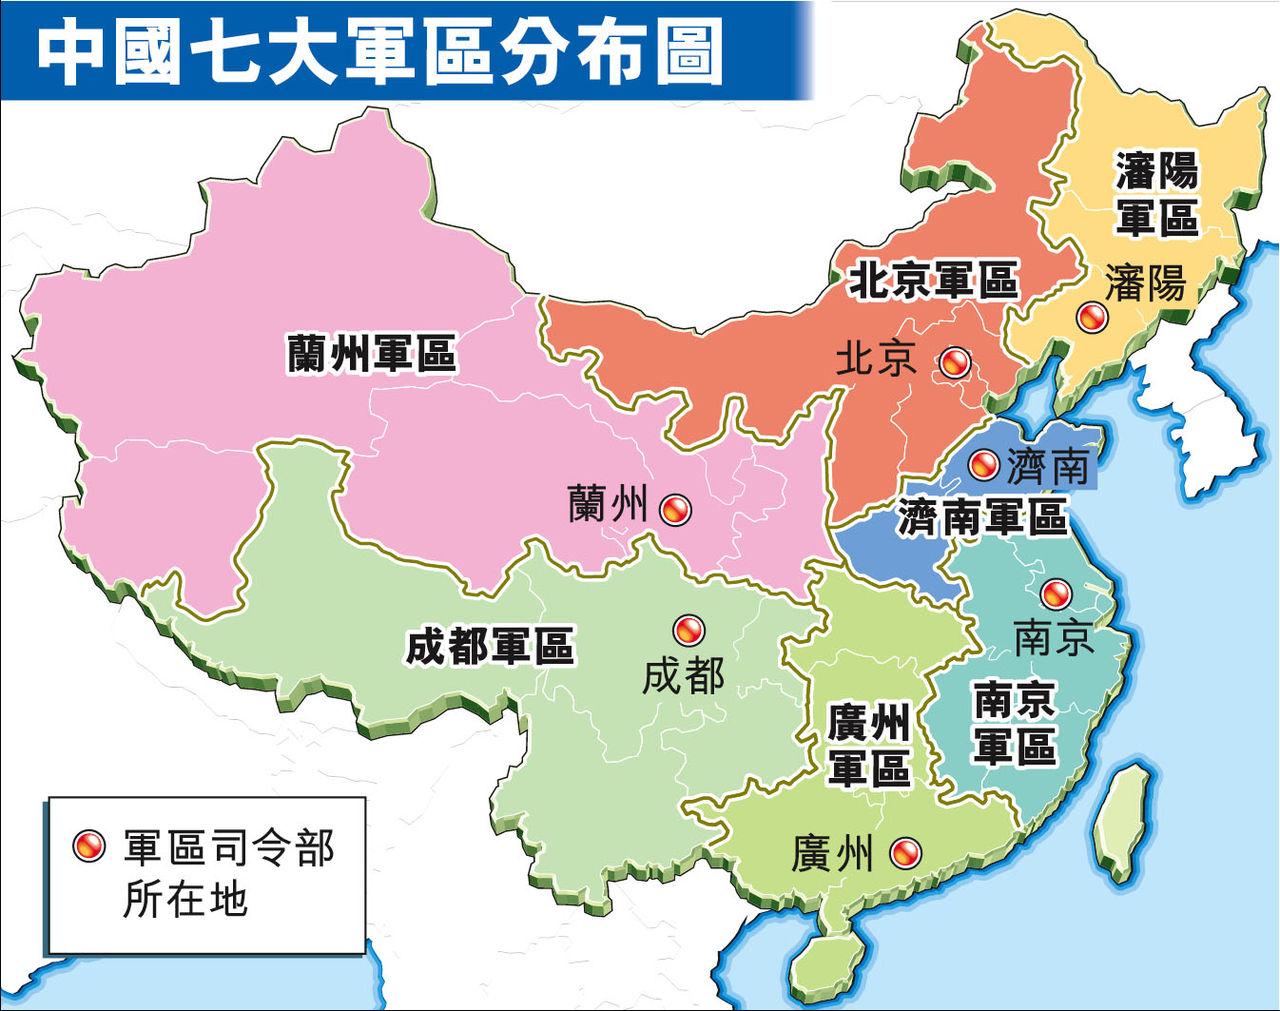 汗風呂 : 集団的自衛権 : 日本 地域区分 : 日本